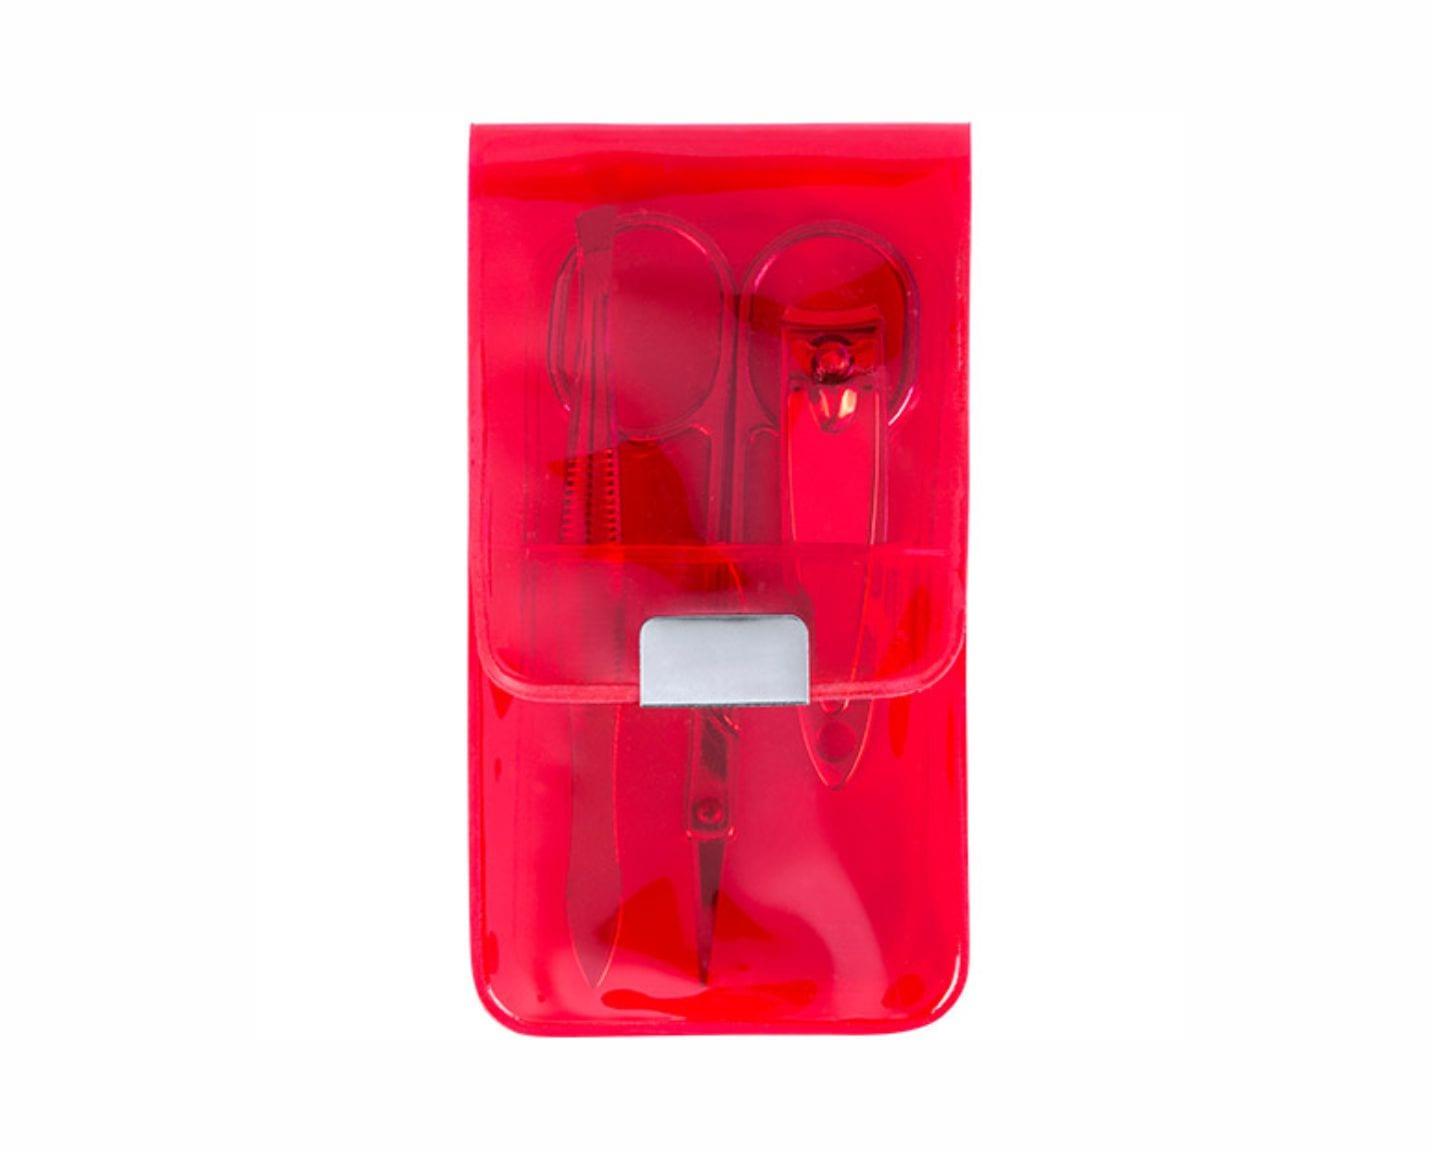 Set Manicura con 3 accesorios. Rojo Regalos Promocionales. Marketing Directo. Regalo de Empresa. Promociones para Ferias y Eventos